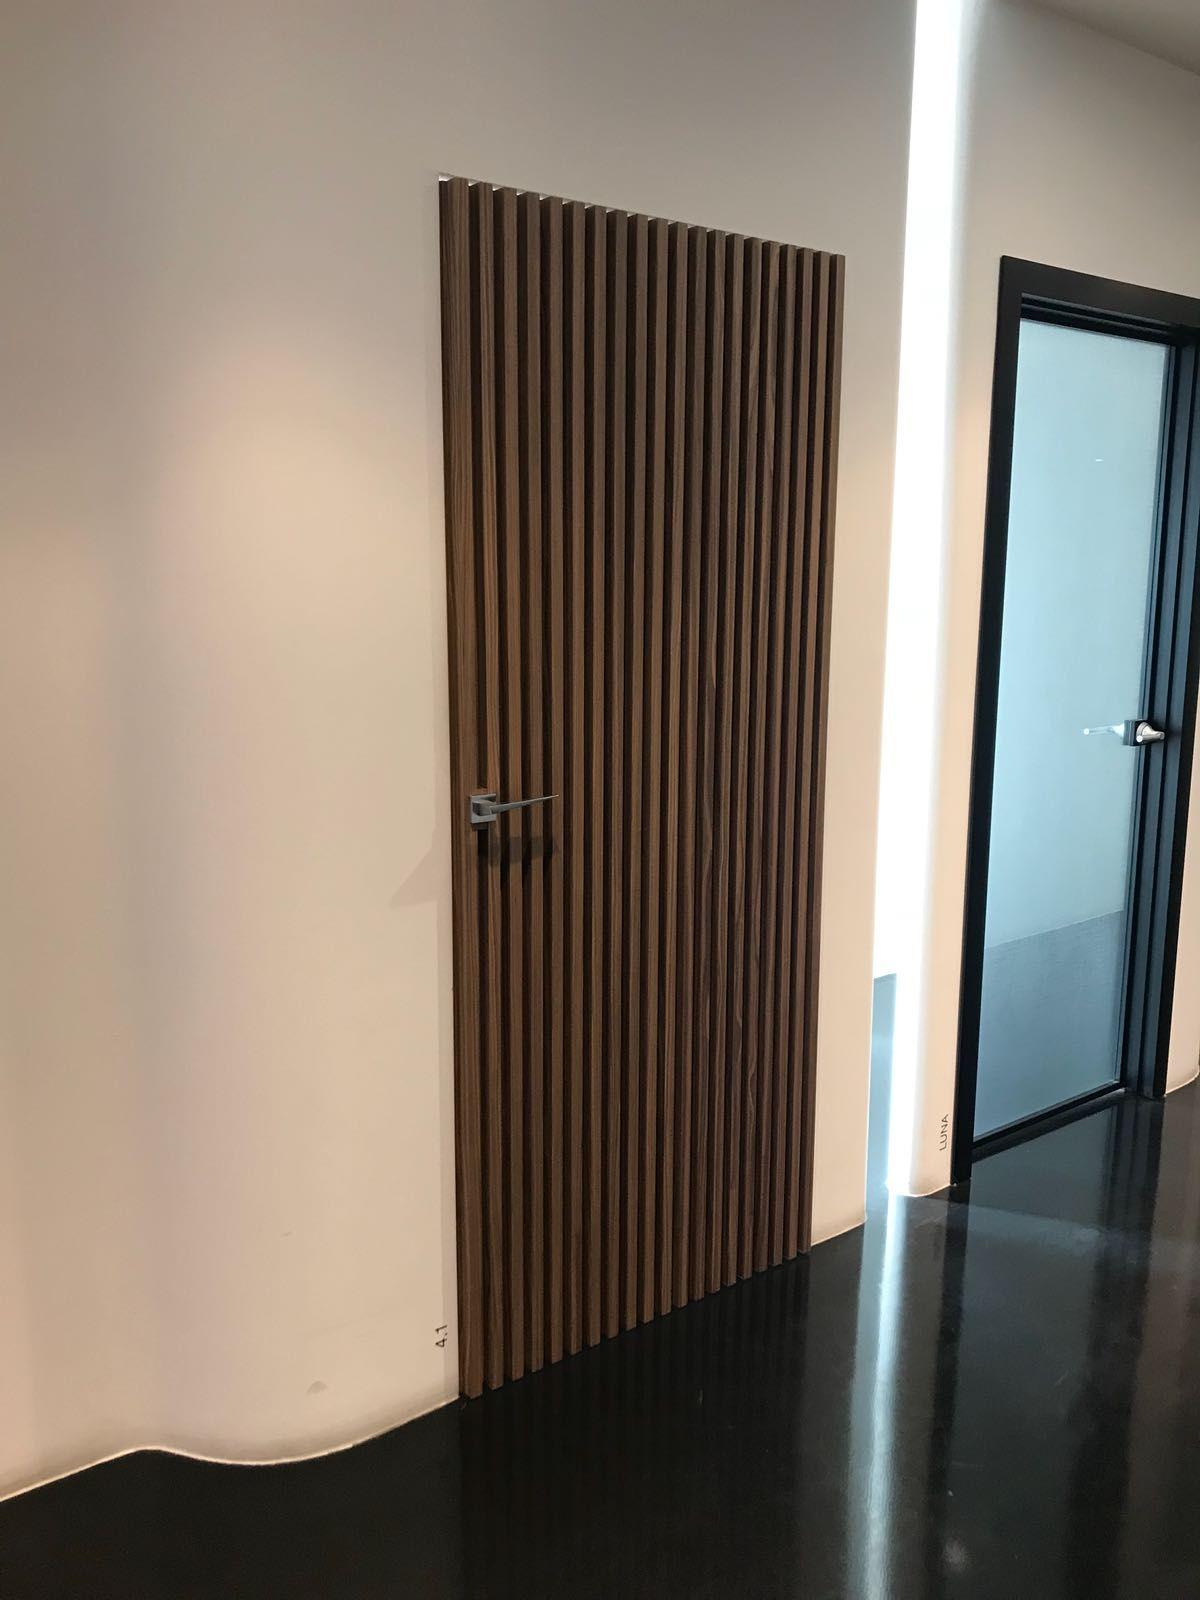 Spiksplinternieuw Houten binnendeur met echte grove hout nerven en een moderne kruk US-47